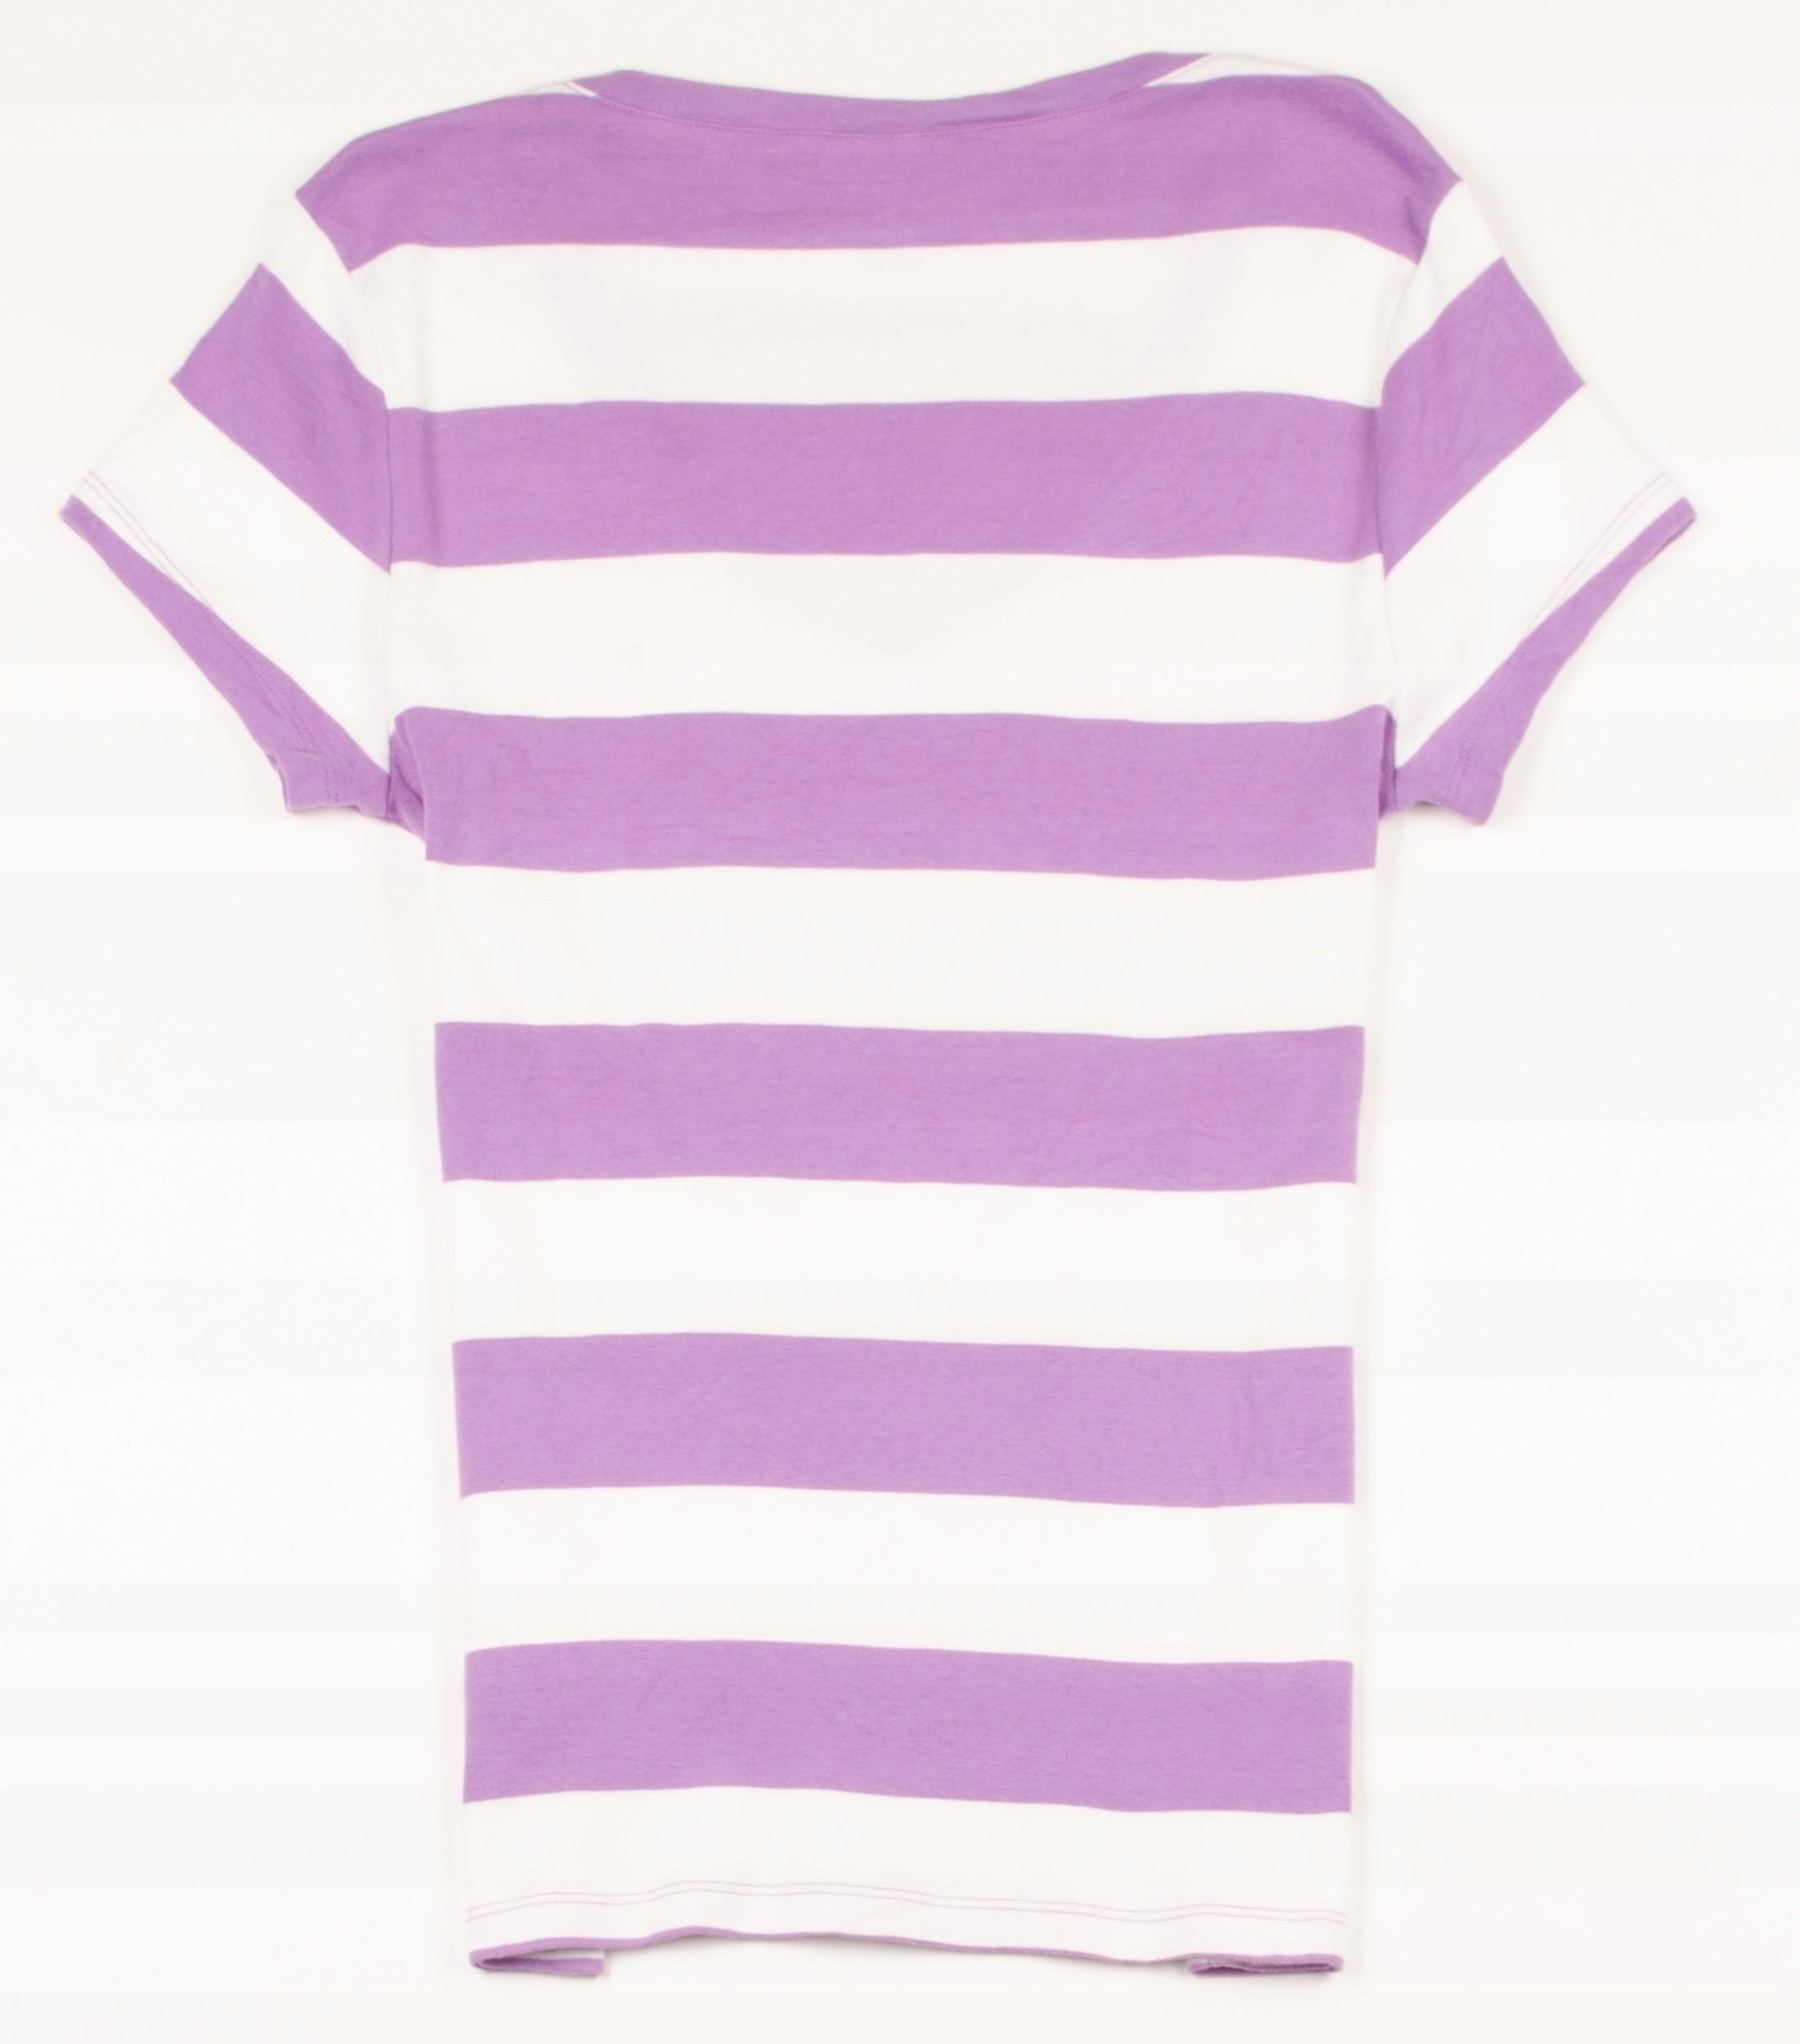 4396614a6e2ac 23953 Tommy Hilfiger T-shirt Damski L - 7568519427 - oficjalne ...